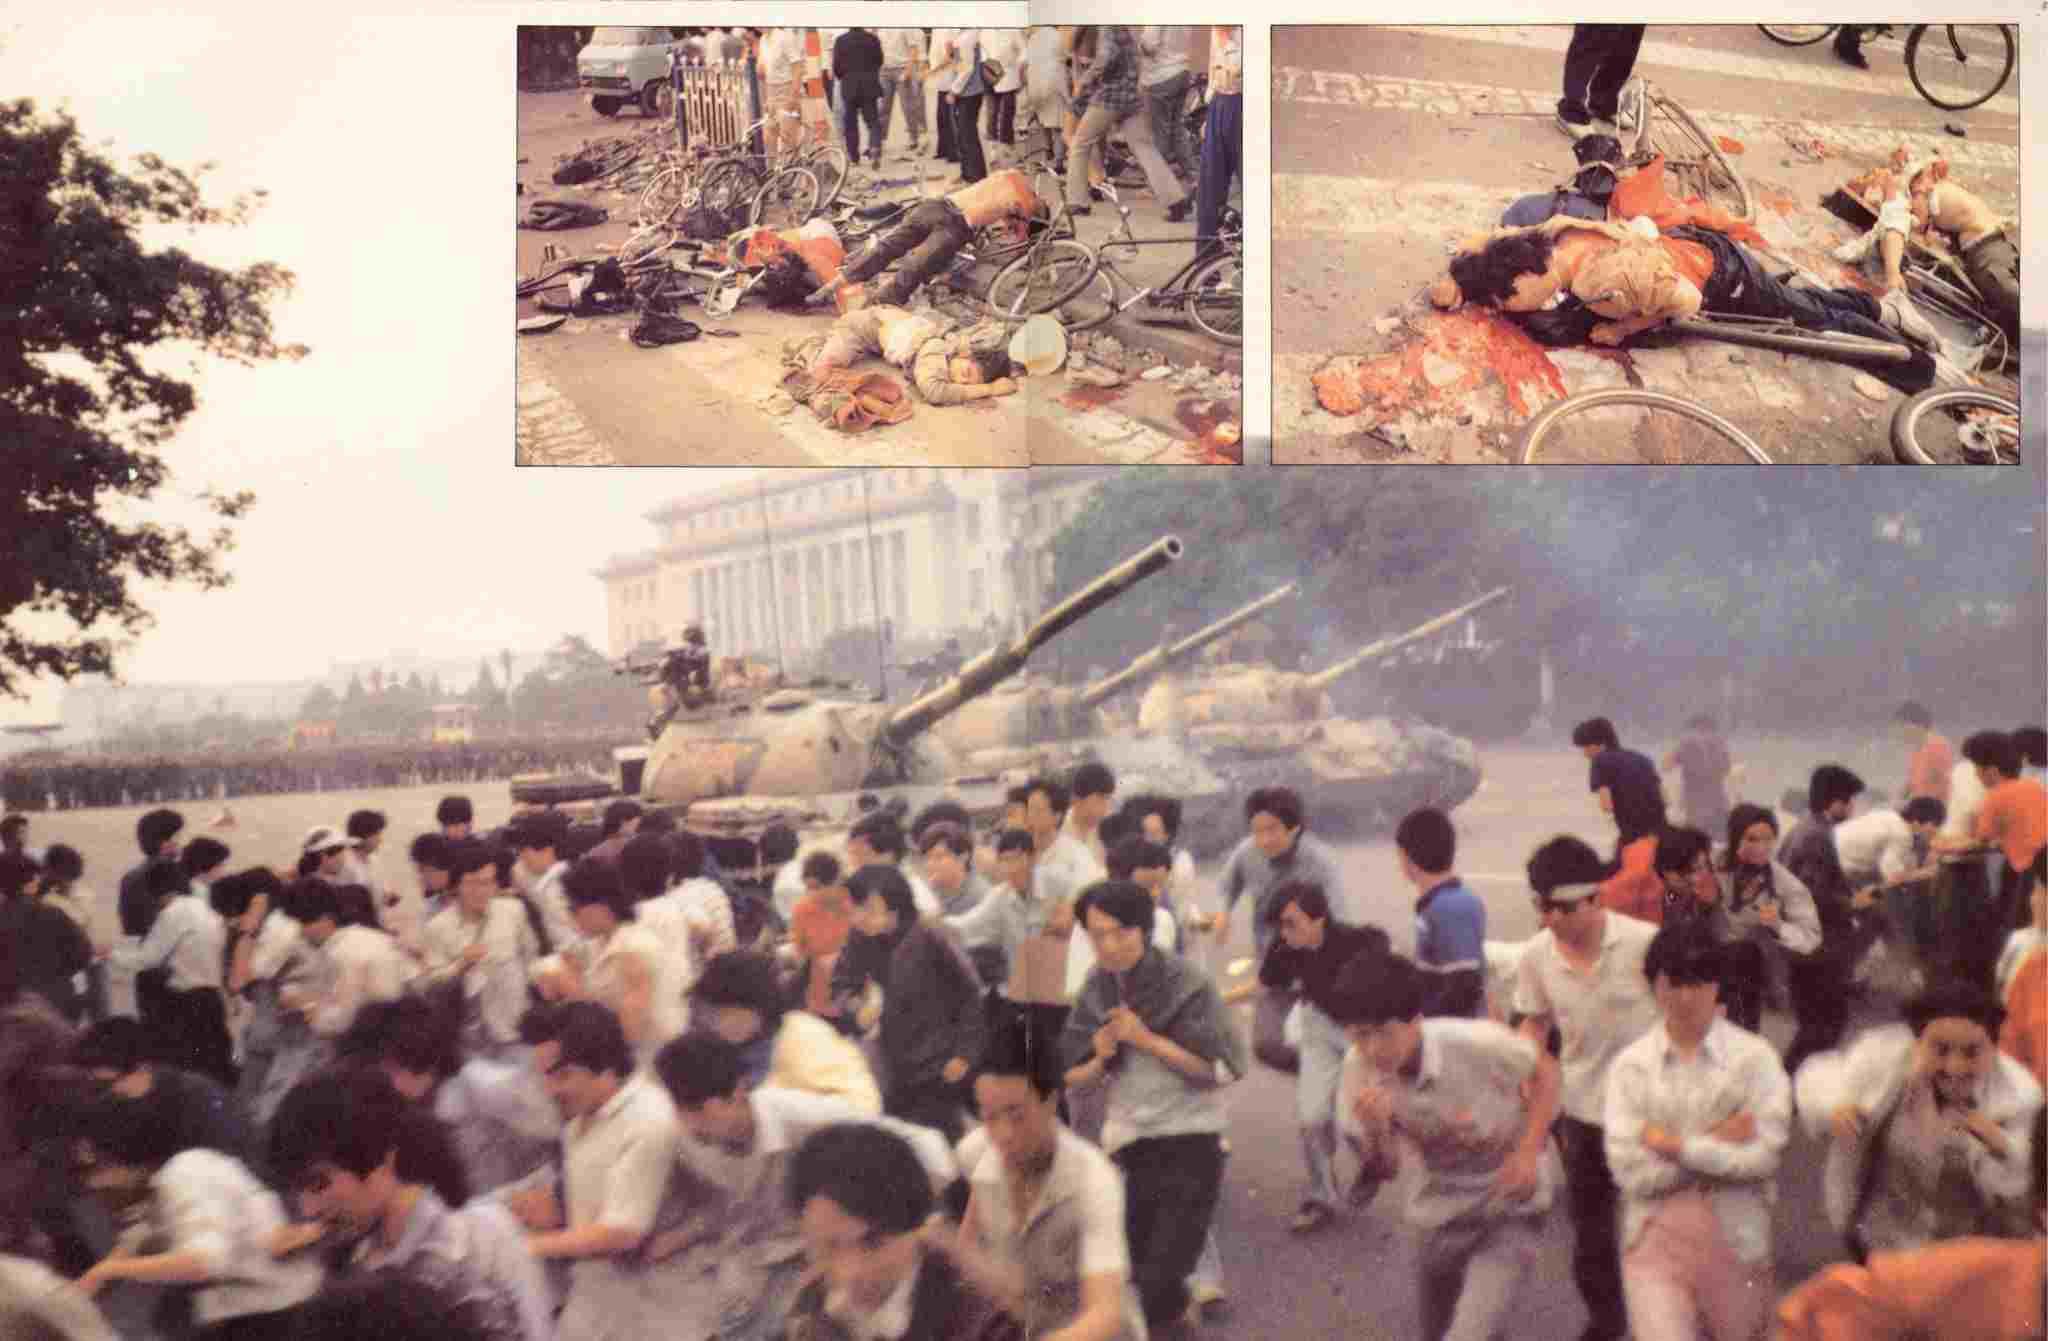 Quân đội Cộng sản Trung Quốc đàn áp đẫm máu người dân Trung Quốc ngay tại Thiên An Môn Bắc Kinh vào ngày 4/6/1989. (Ảnh: internet)